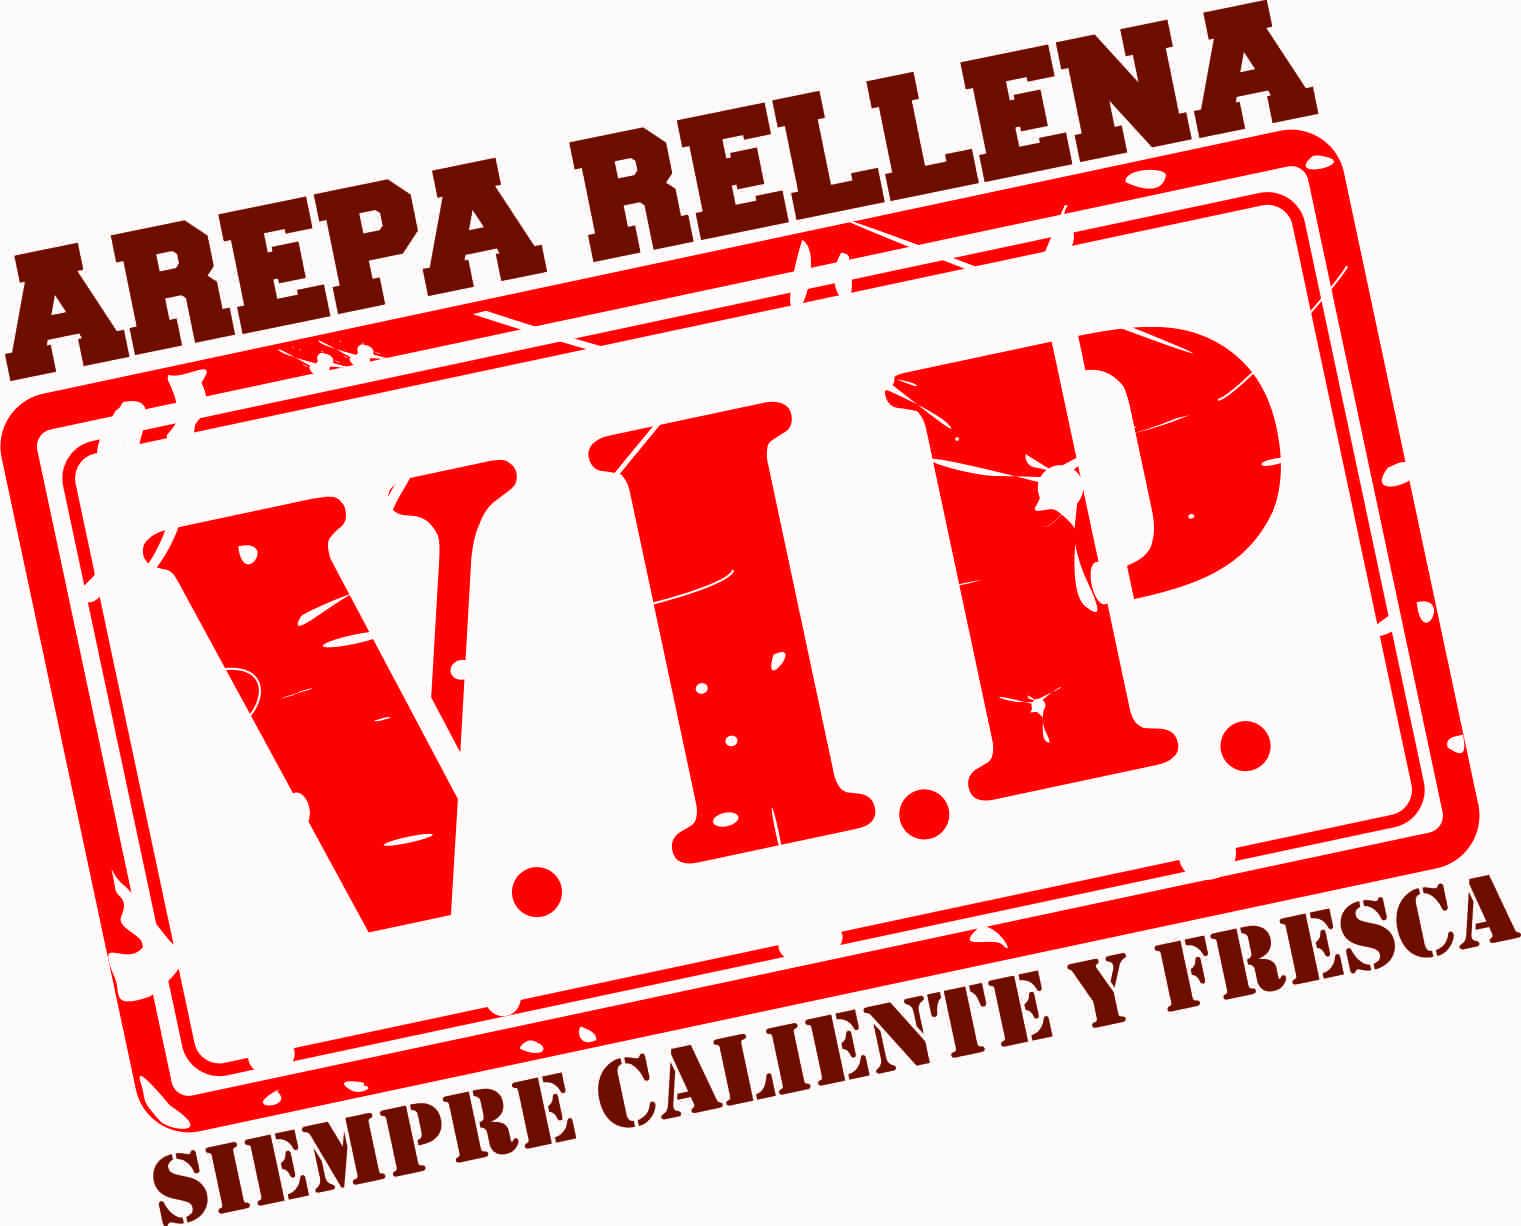 Arepas Rellenas VIP Calle 53